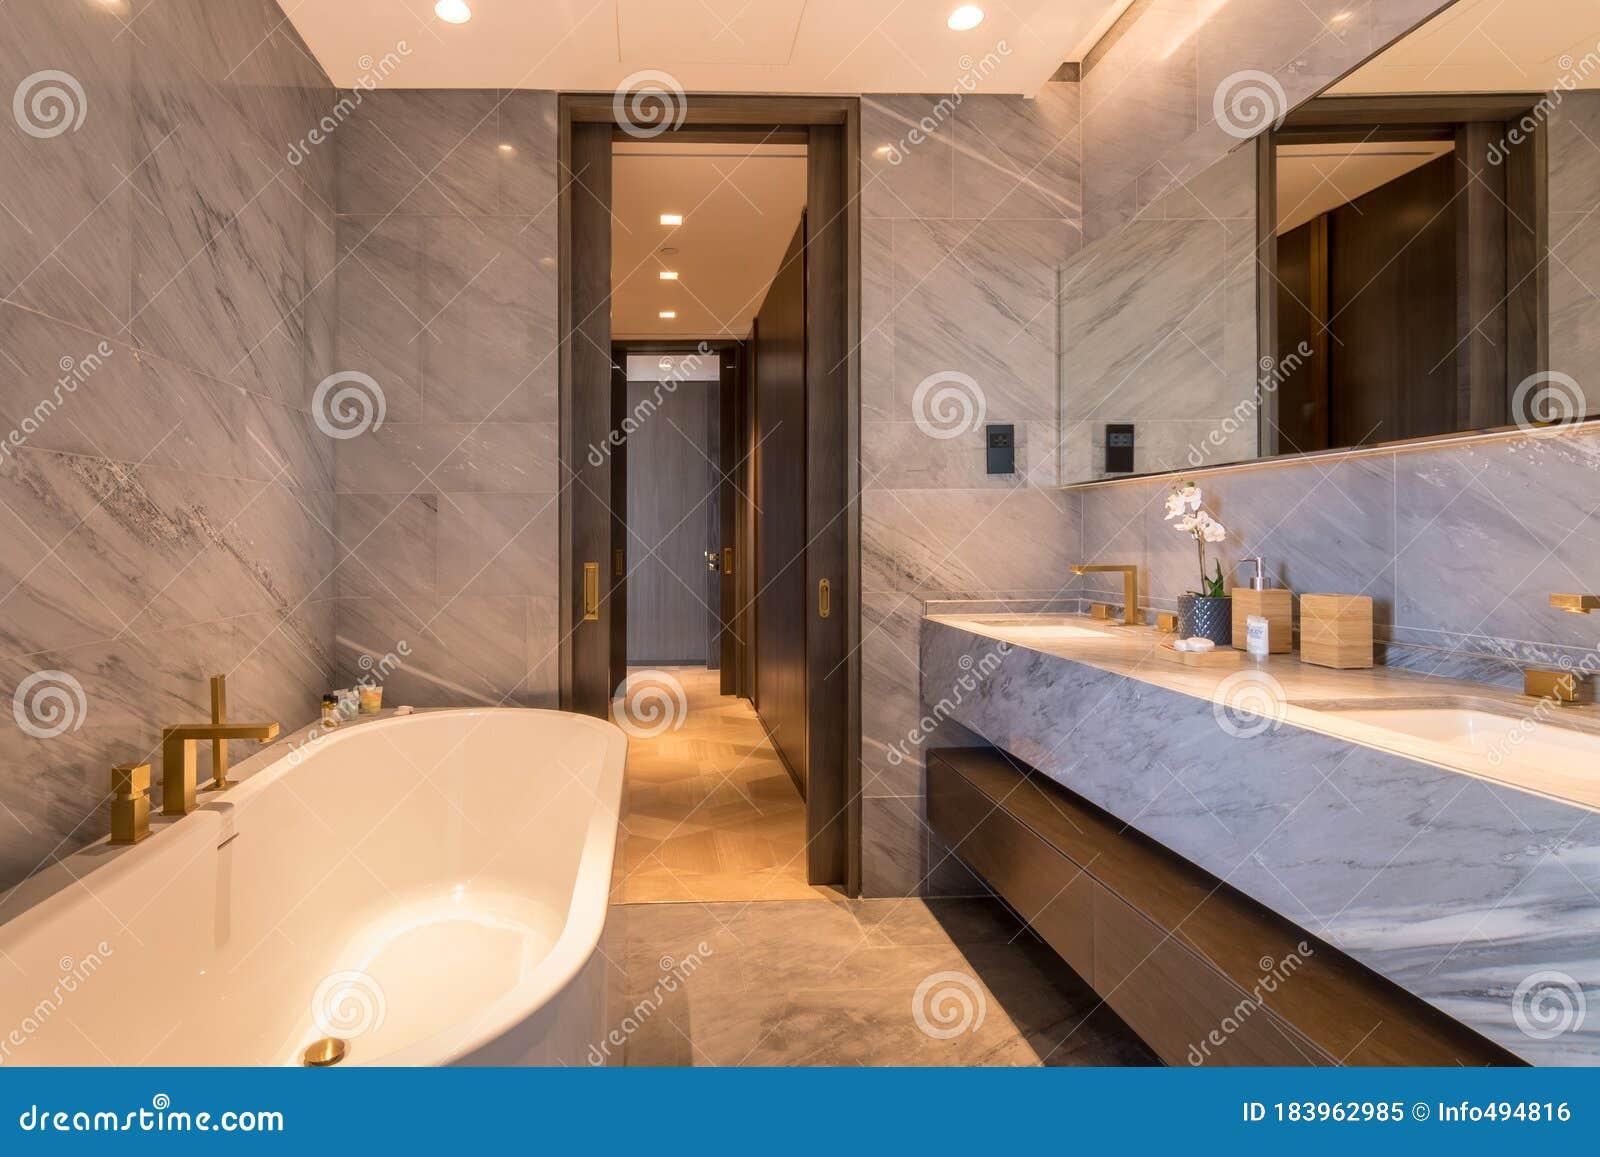 Bagno Di Lusso A Dubai A Cinque Palme Immagine Stock Immagine Di Rubinetti Dispersore 183962985